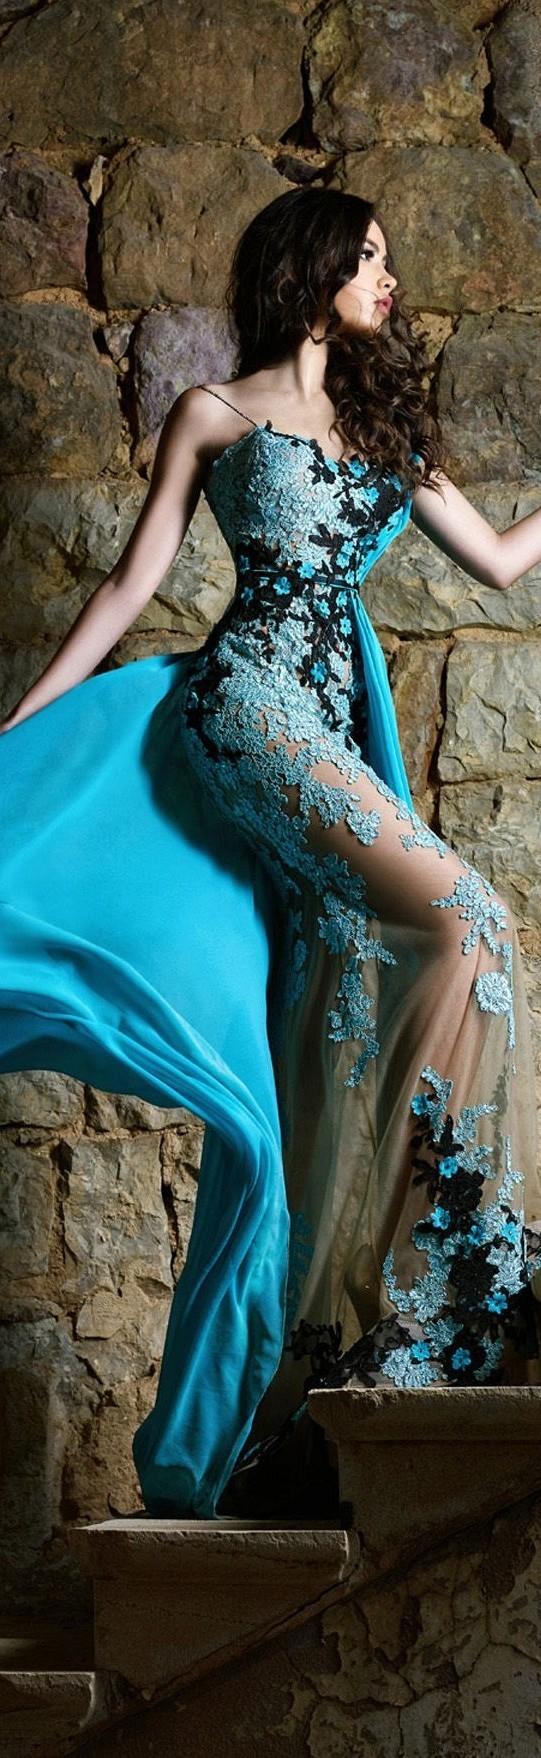 Aphrodisiaquement-votre | Robe | Pinterest | Dressing gown, Fashion ...